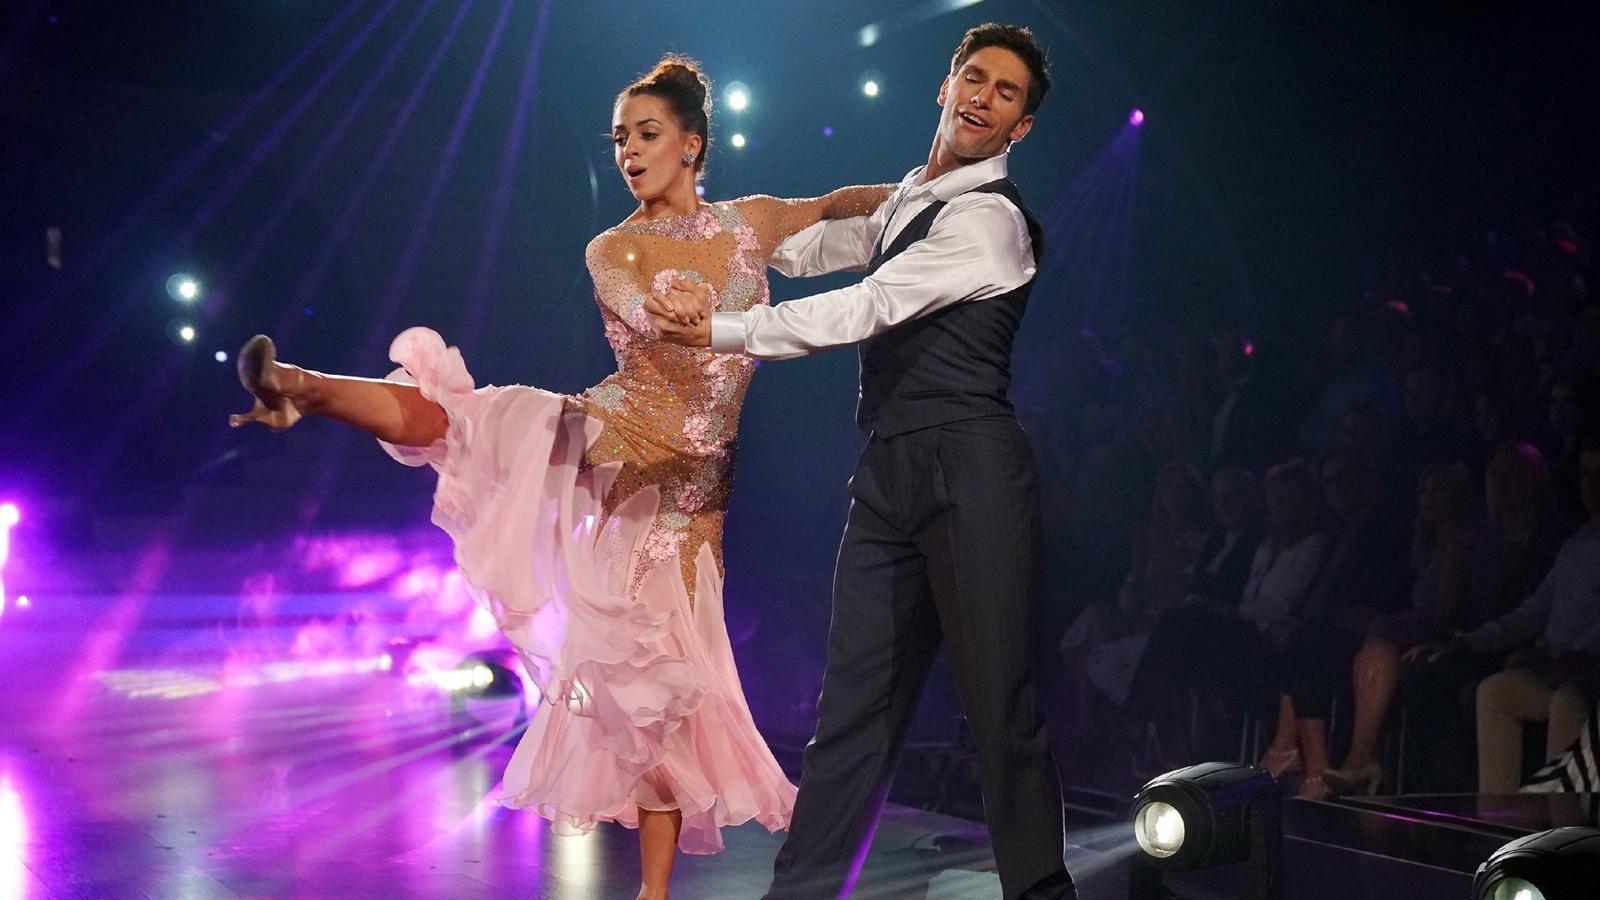 """Vanessa Mai und Christian Polanc belegen im Finale von """"Let's Dance 2017"""" den zweiten Platz."""